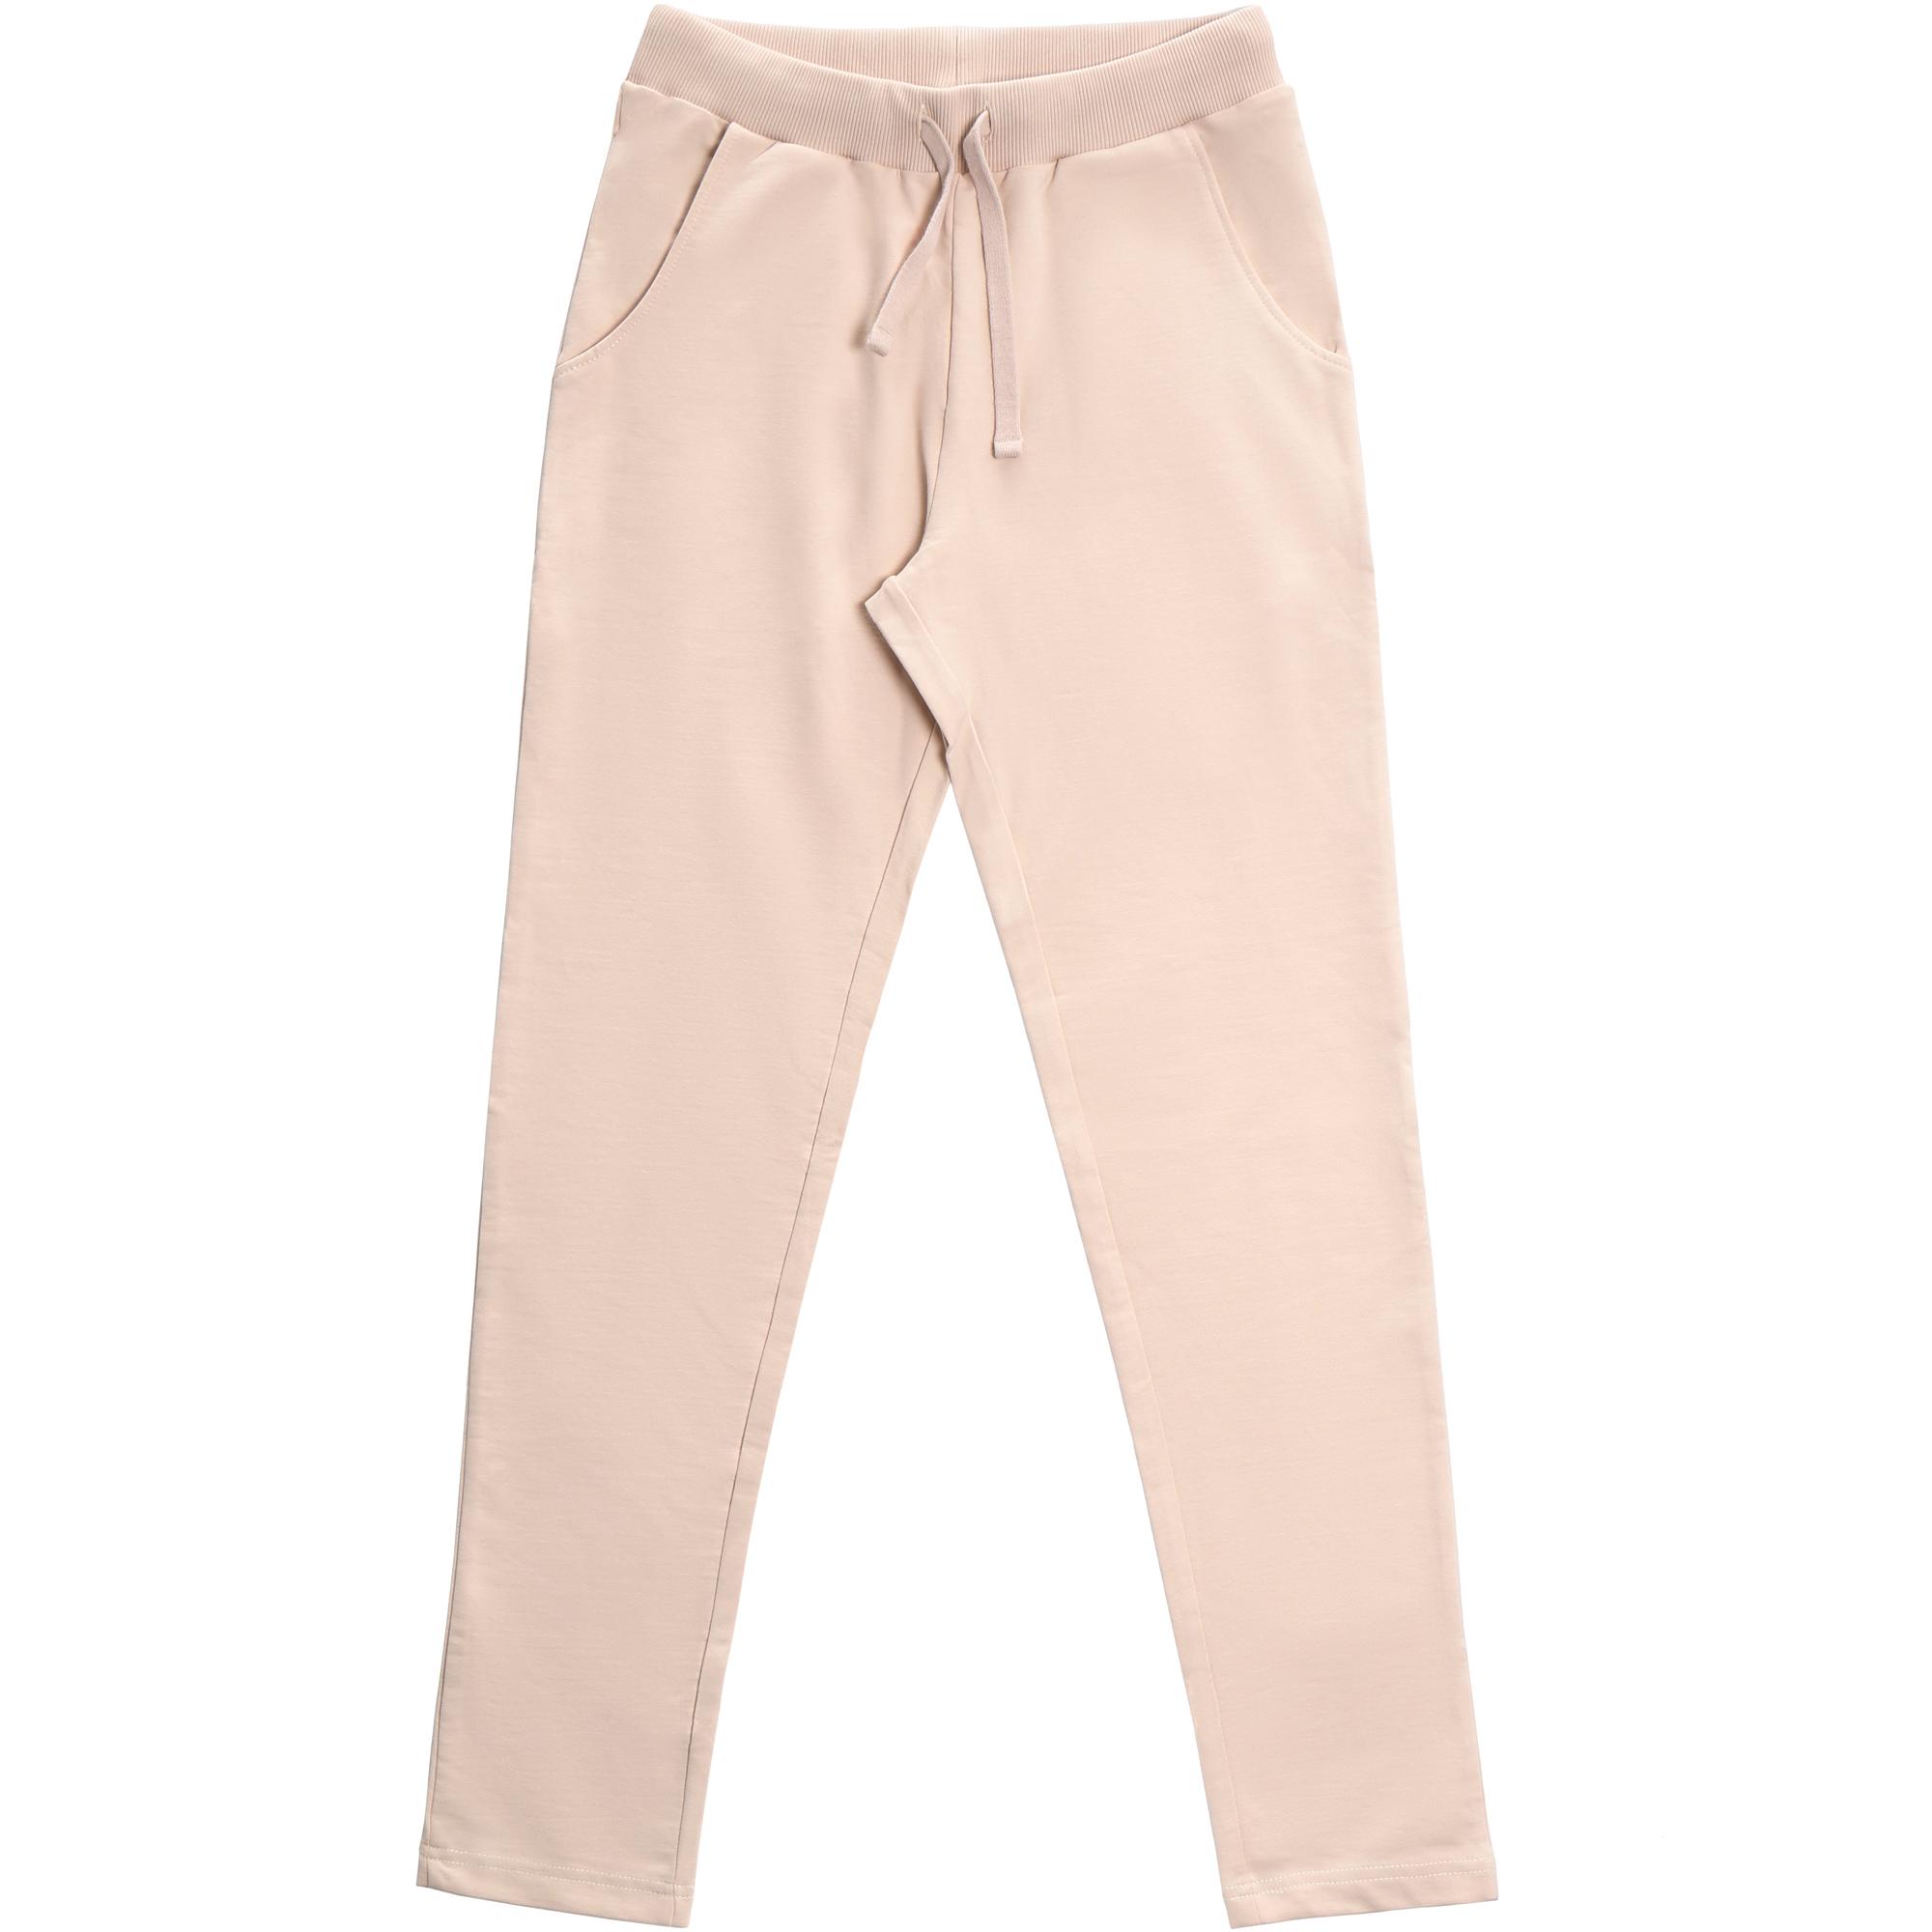 Женские брюки Birlik светло-бежевые